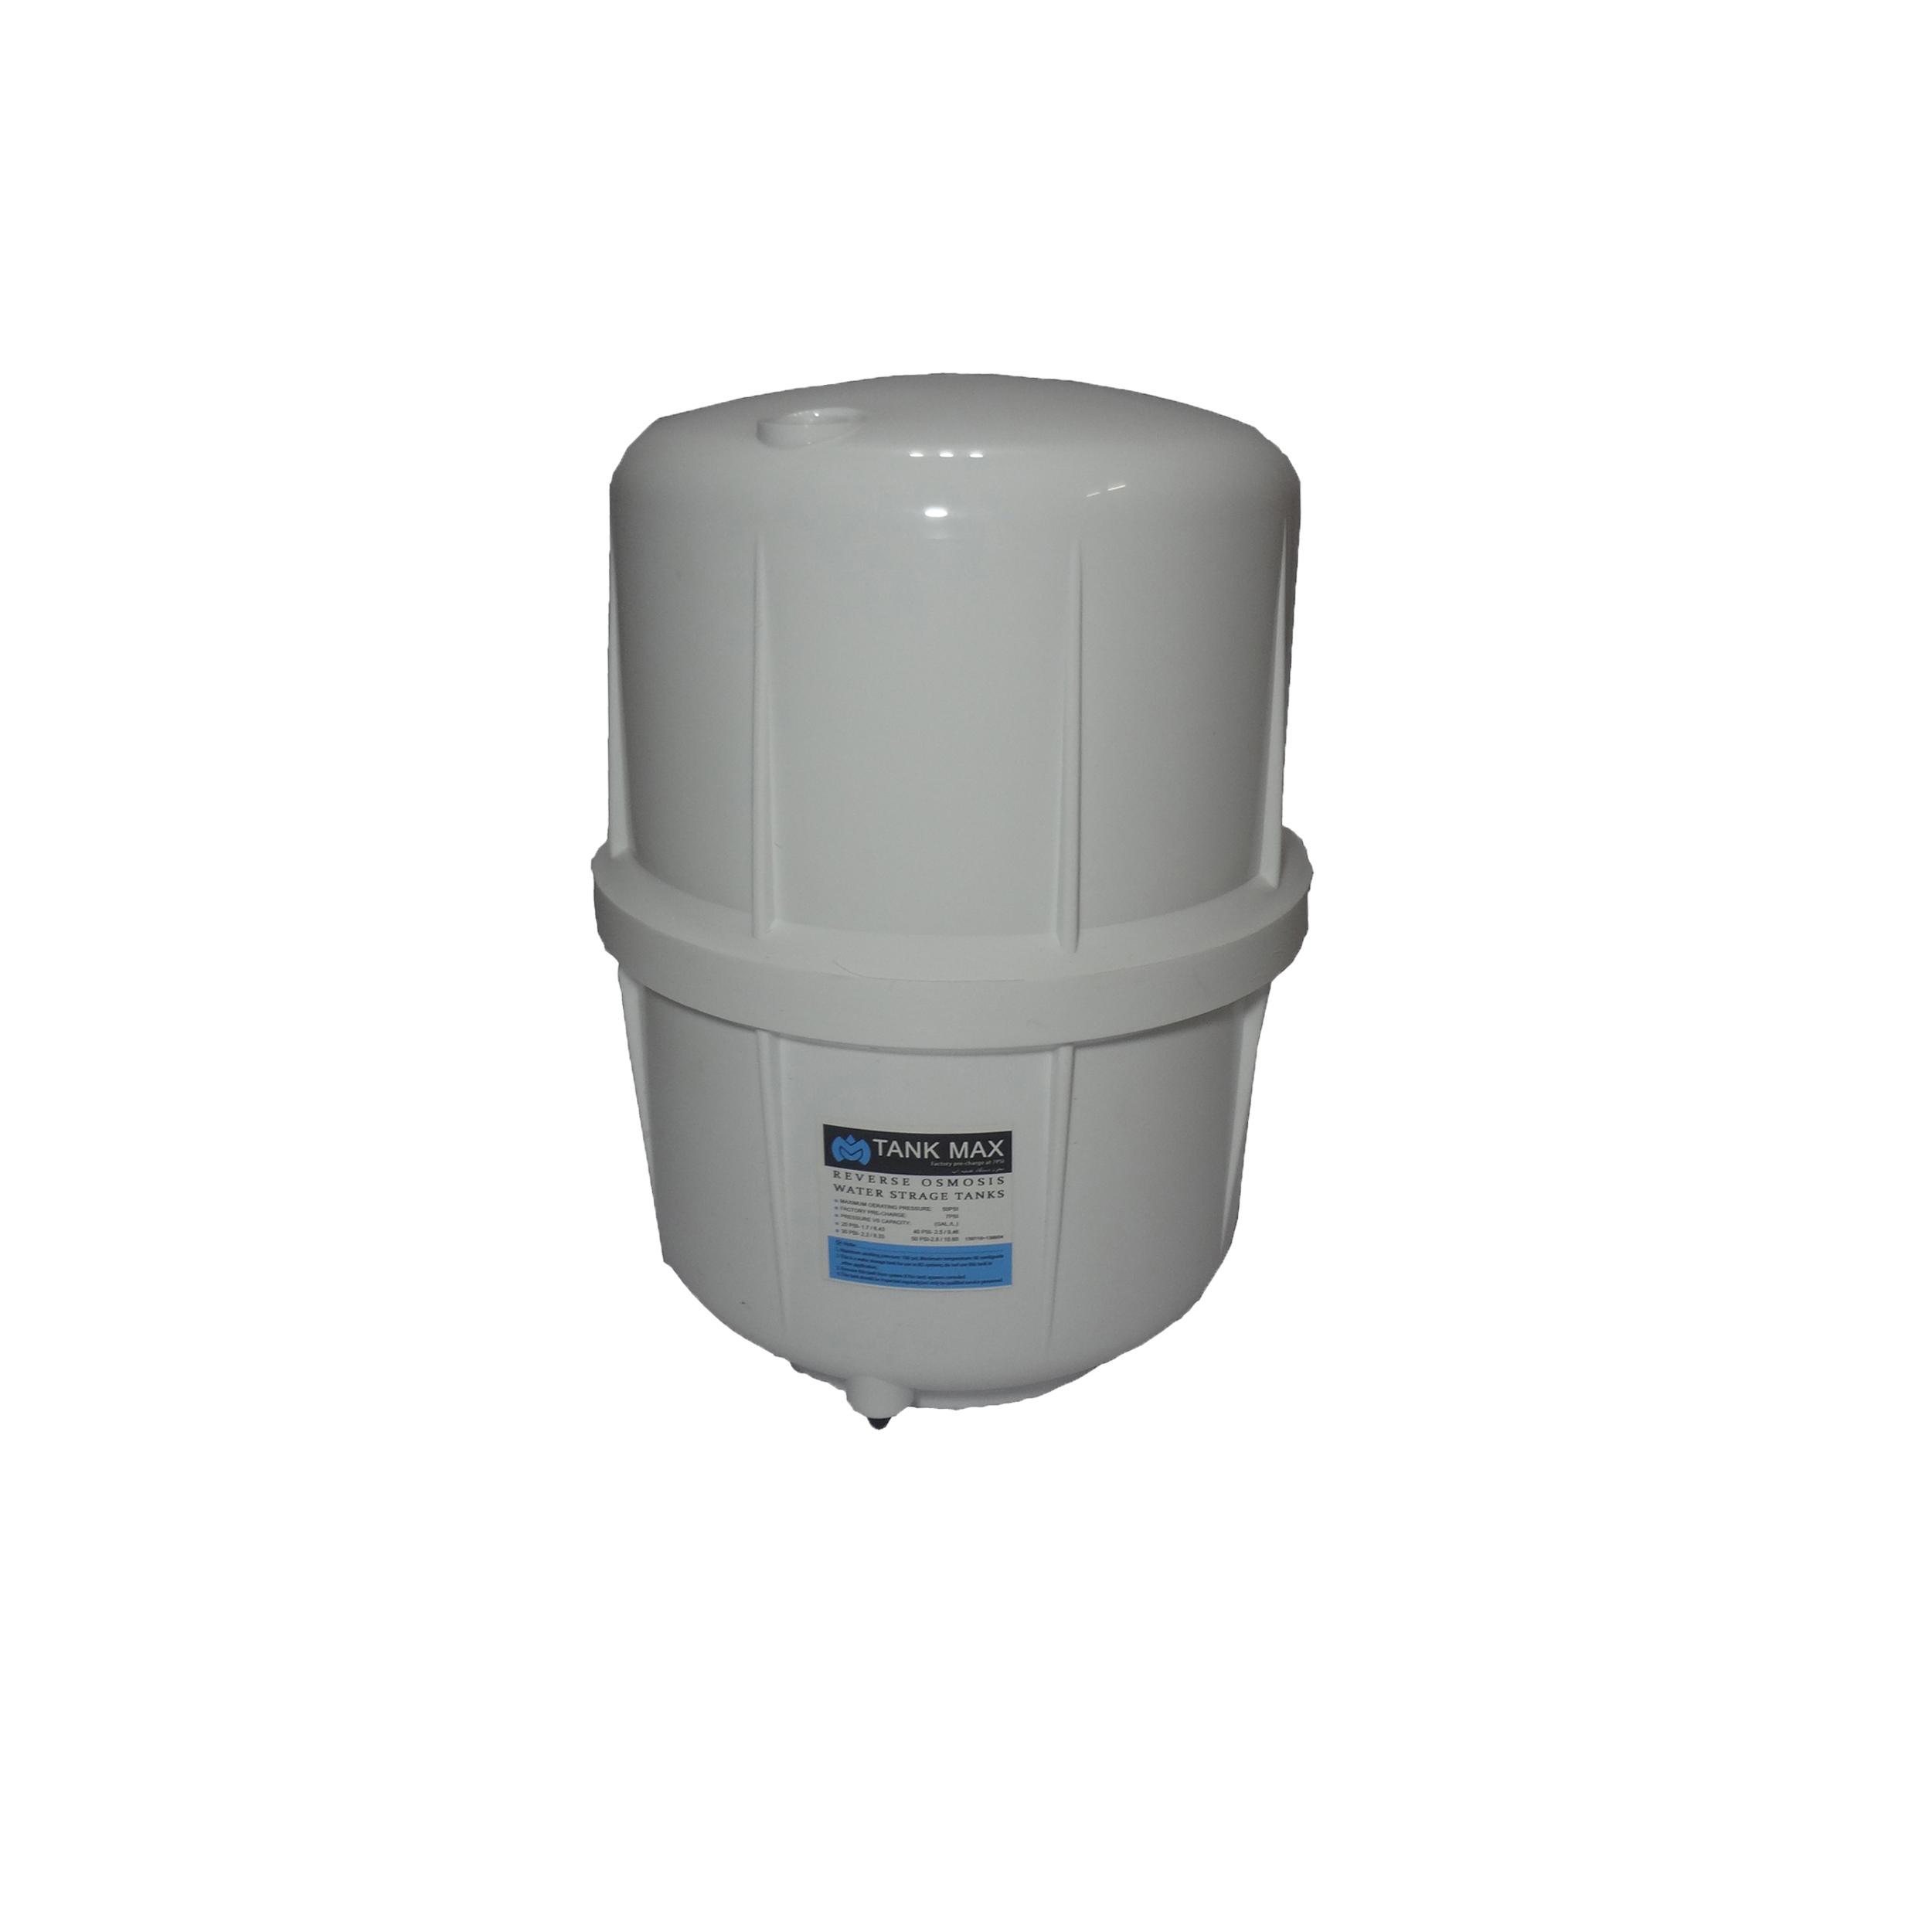 دستگاه تصفیه کننده آب آکوا لاین مدل   LINE800 PLUS به همراه فیلتر مجموعه 3 عددی